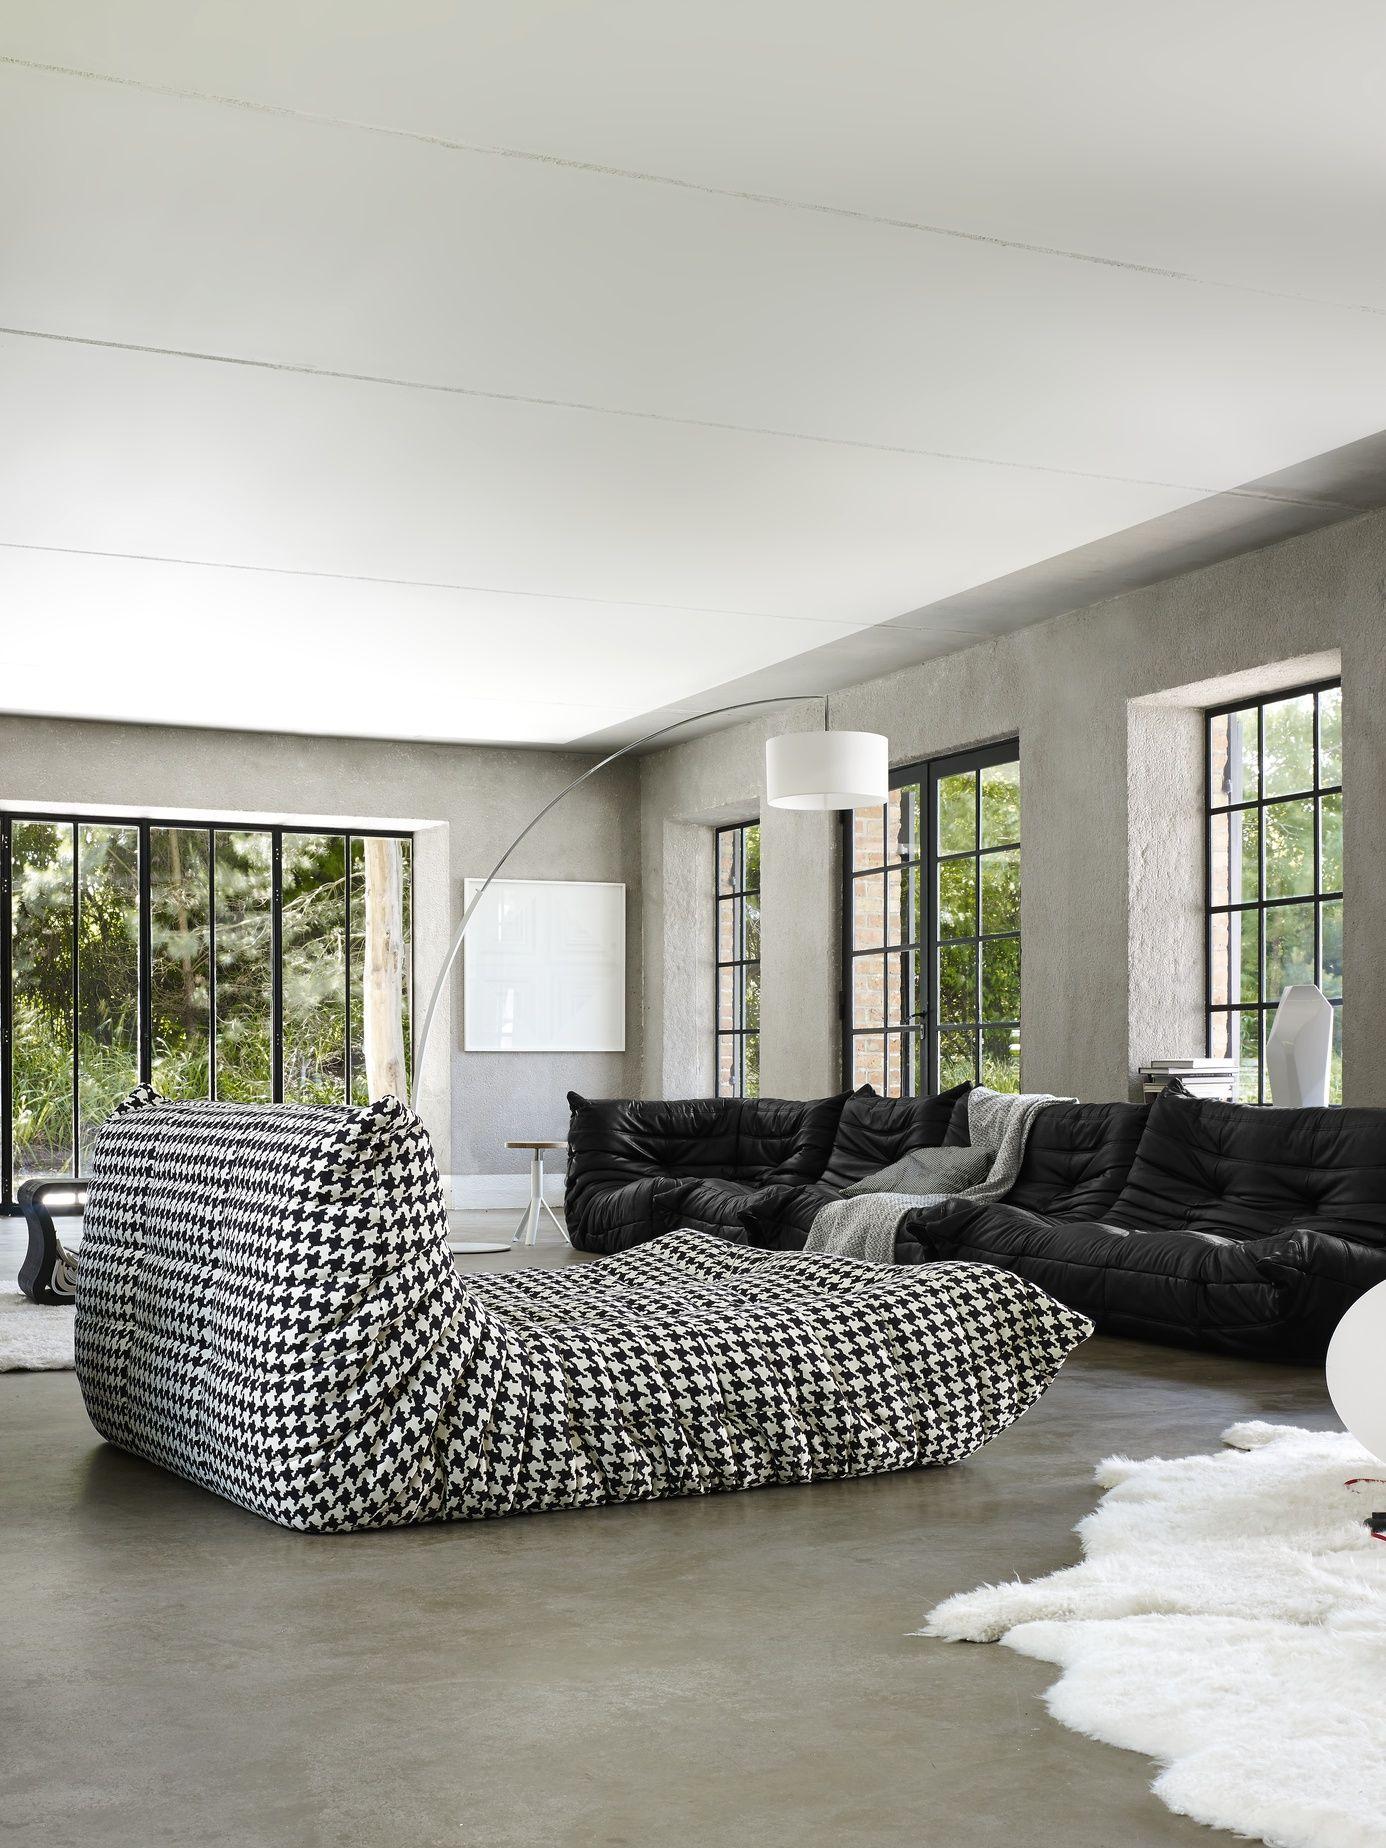 togo canap s designer michel ducaroy ligne roset s jour pinterest s jour canap s et d co. Black Bedroom Furniture Sets. Home Design Ideas